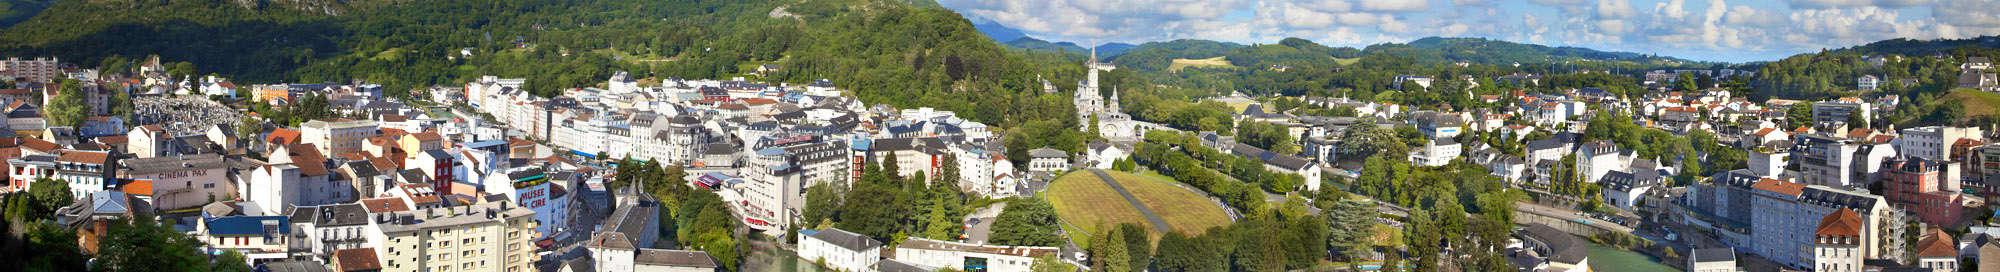 Week-end et séjour Lourdes